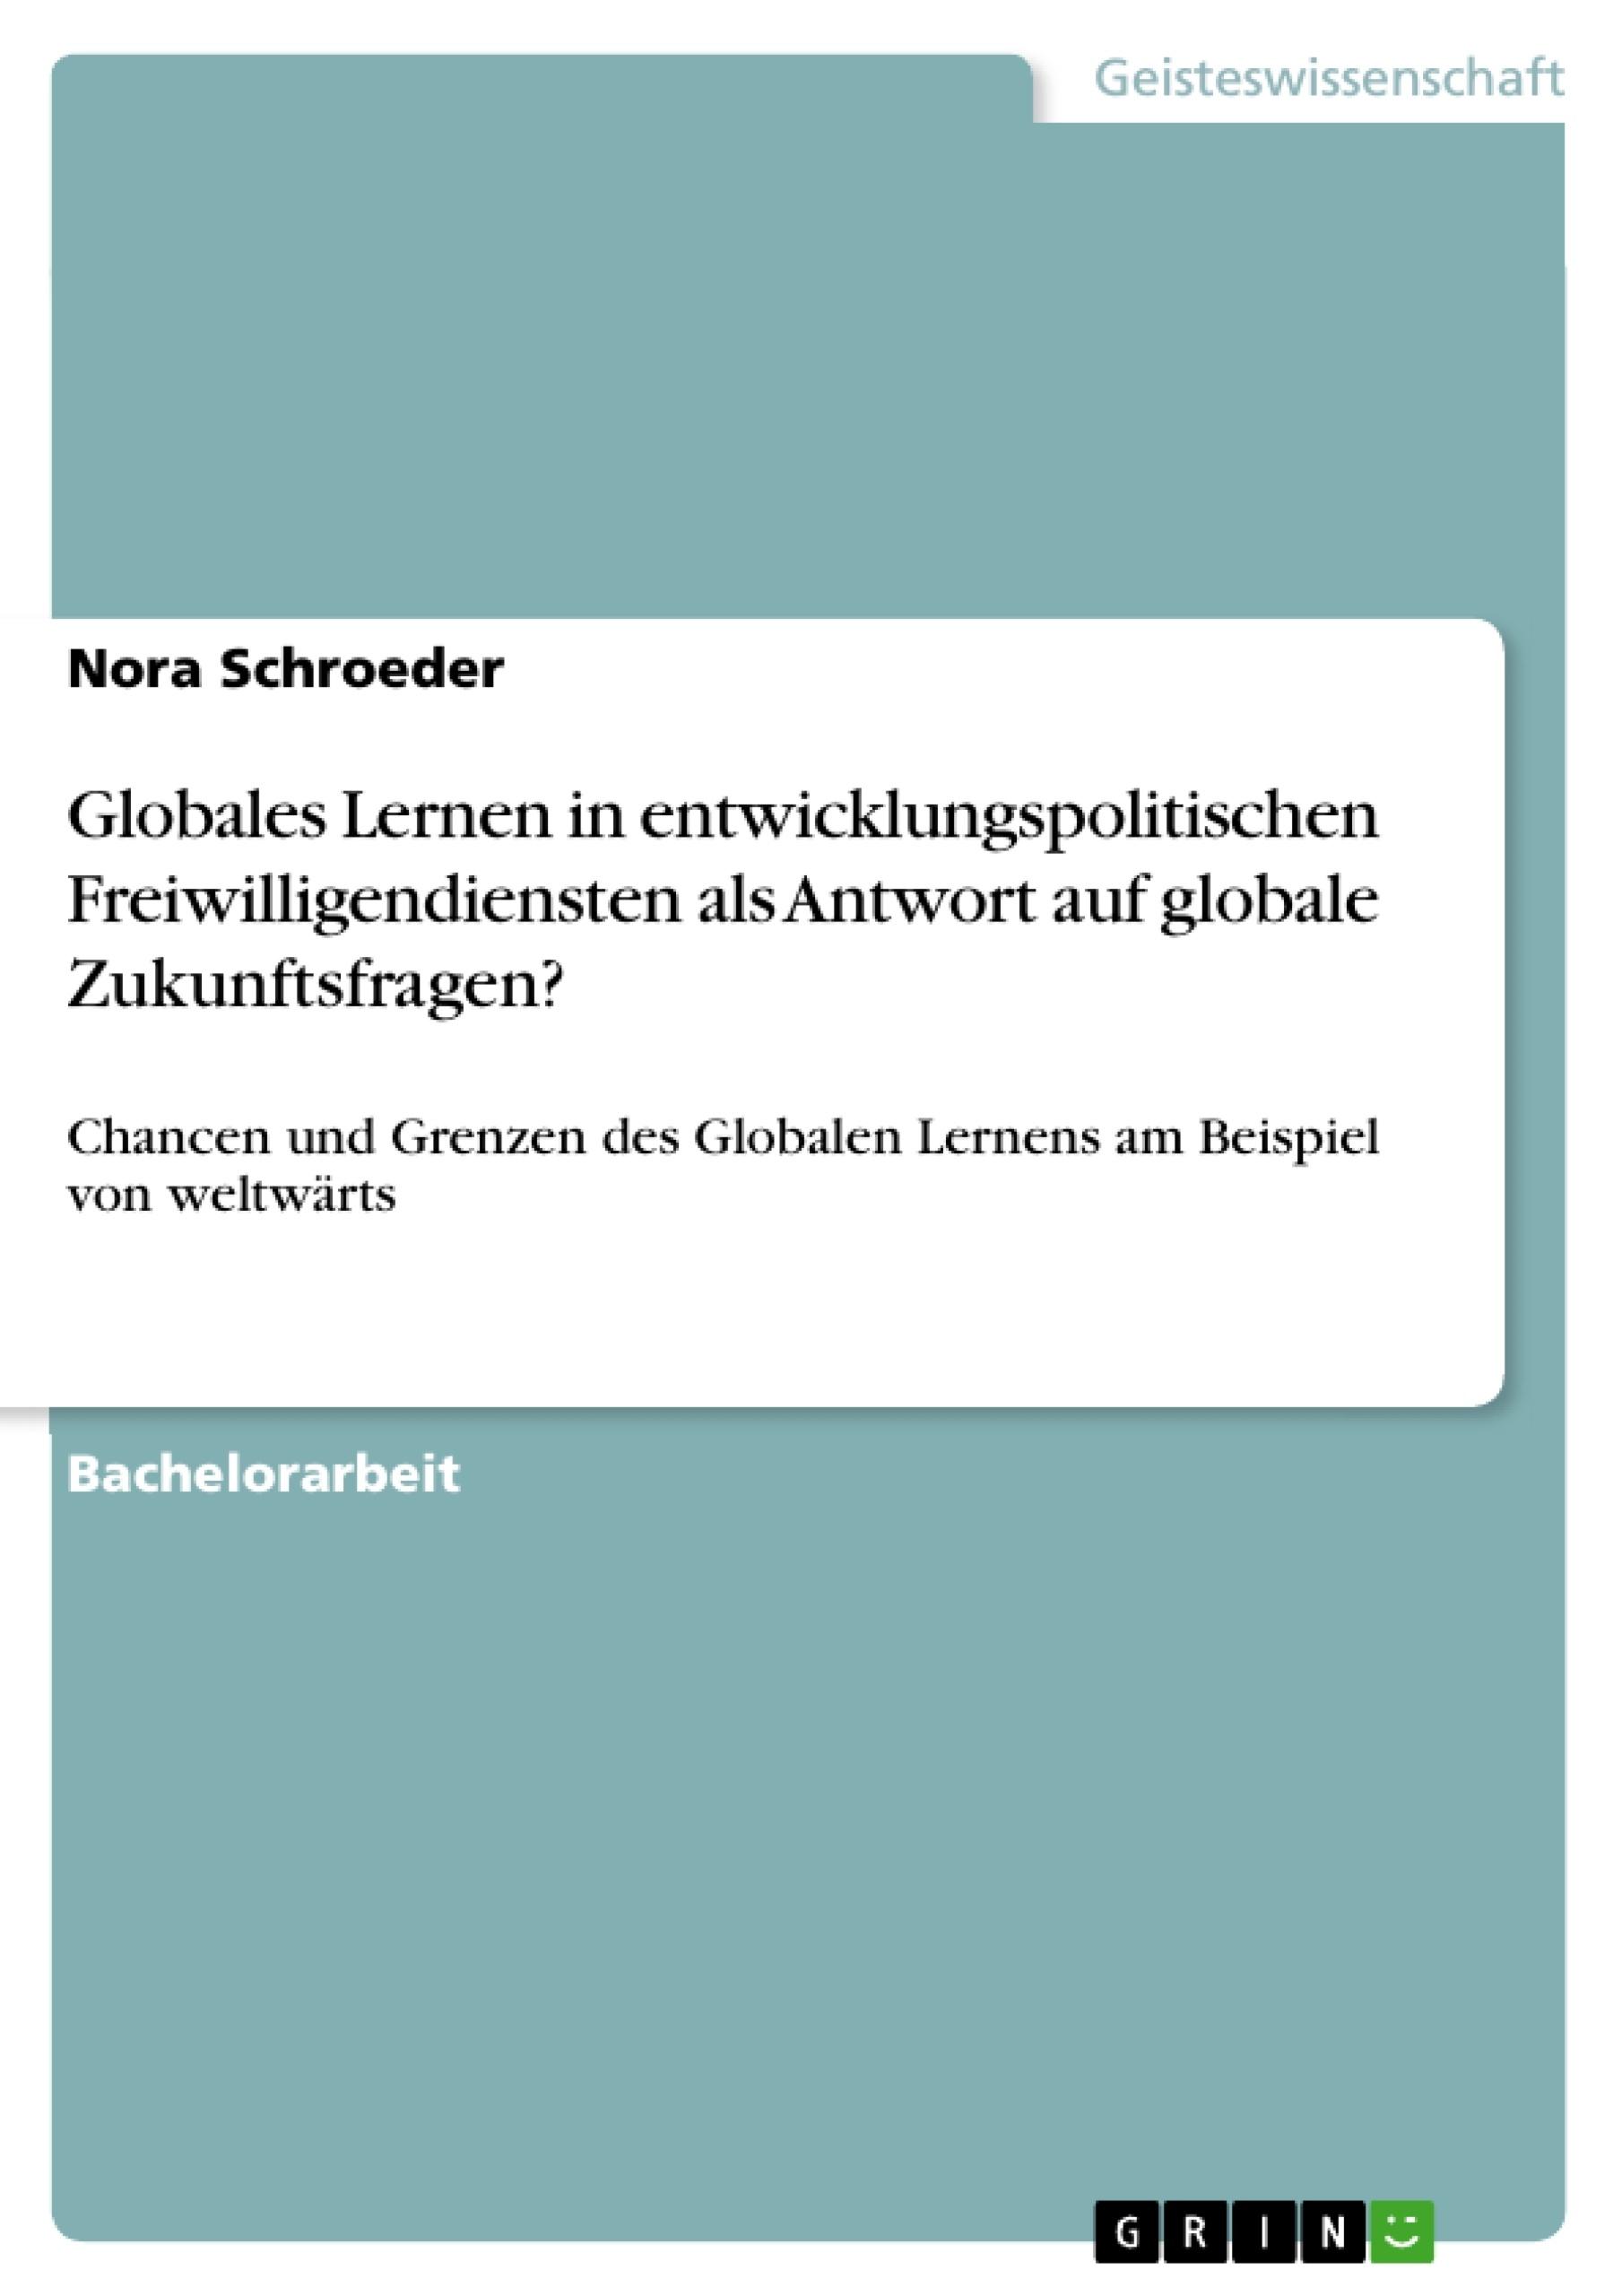 Titel: Globales Lernen in entwicklungspolitischen Freiwilligendiensten als Antwort auf globale Zukunftsfragen?